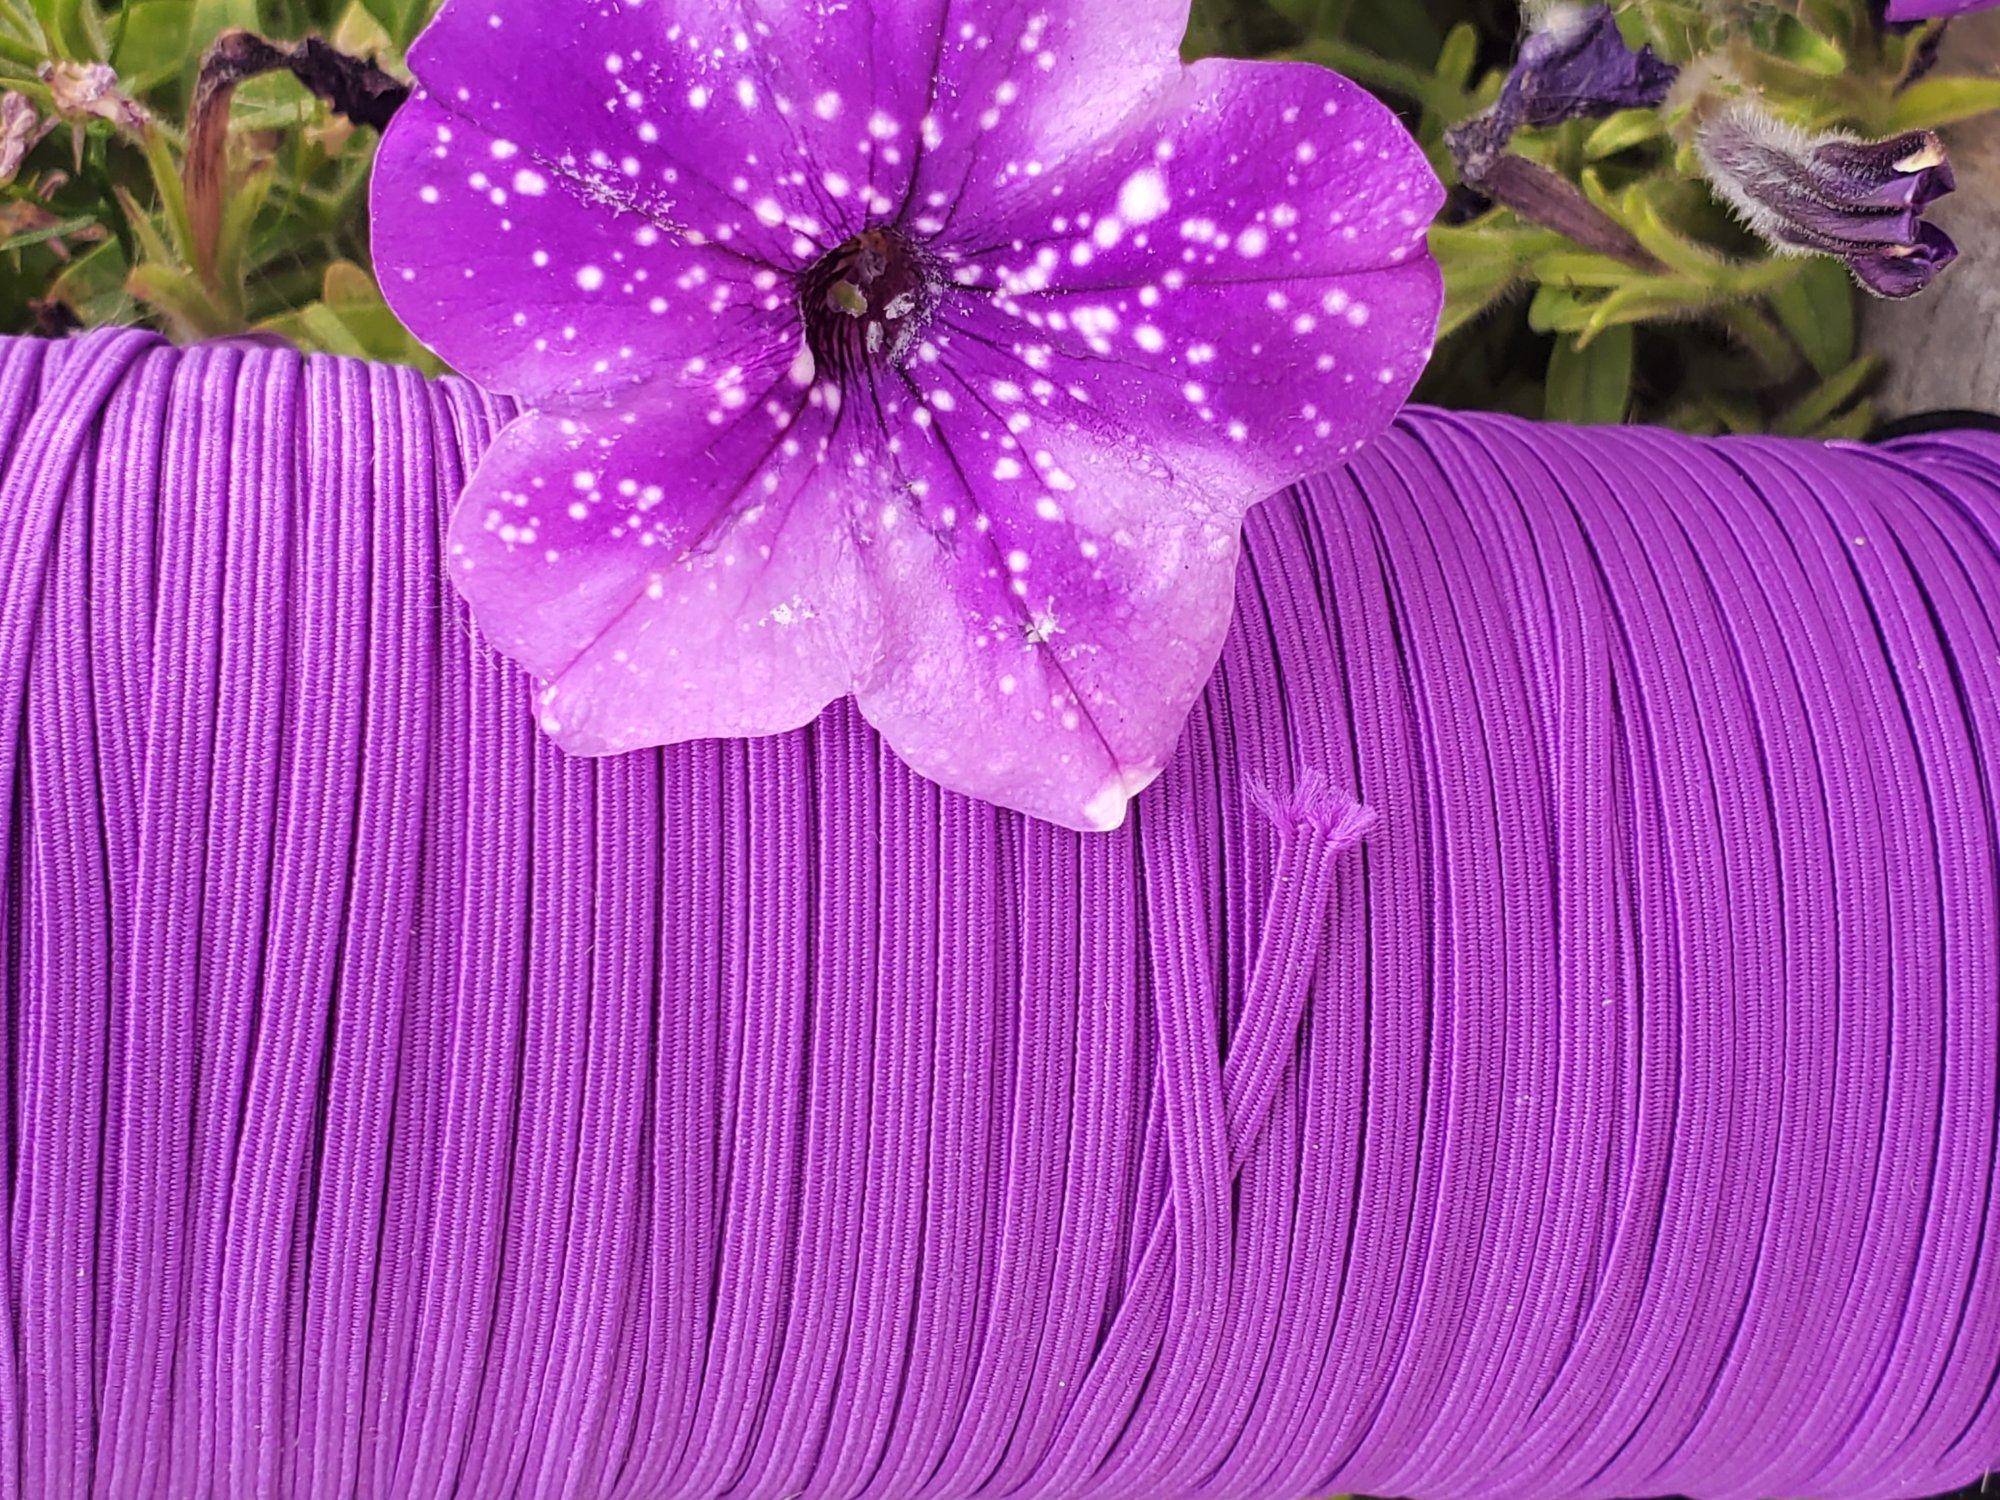 Cindy-rellas 1/8 inch (3mm) Elastic  - Violet Purple